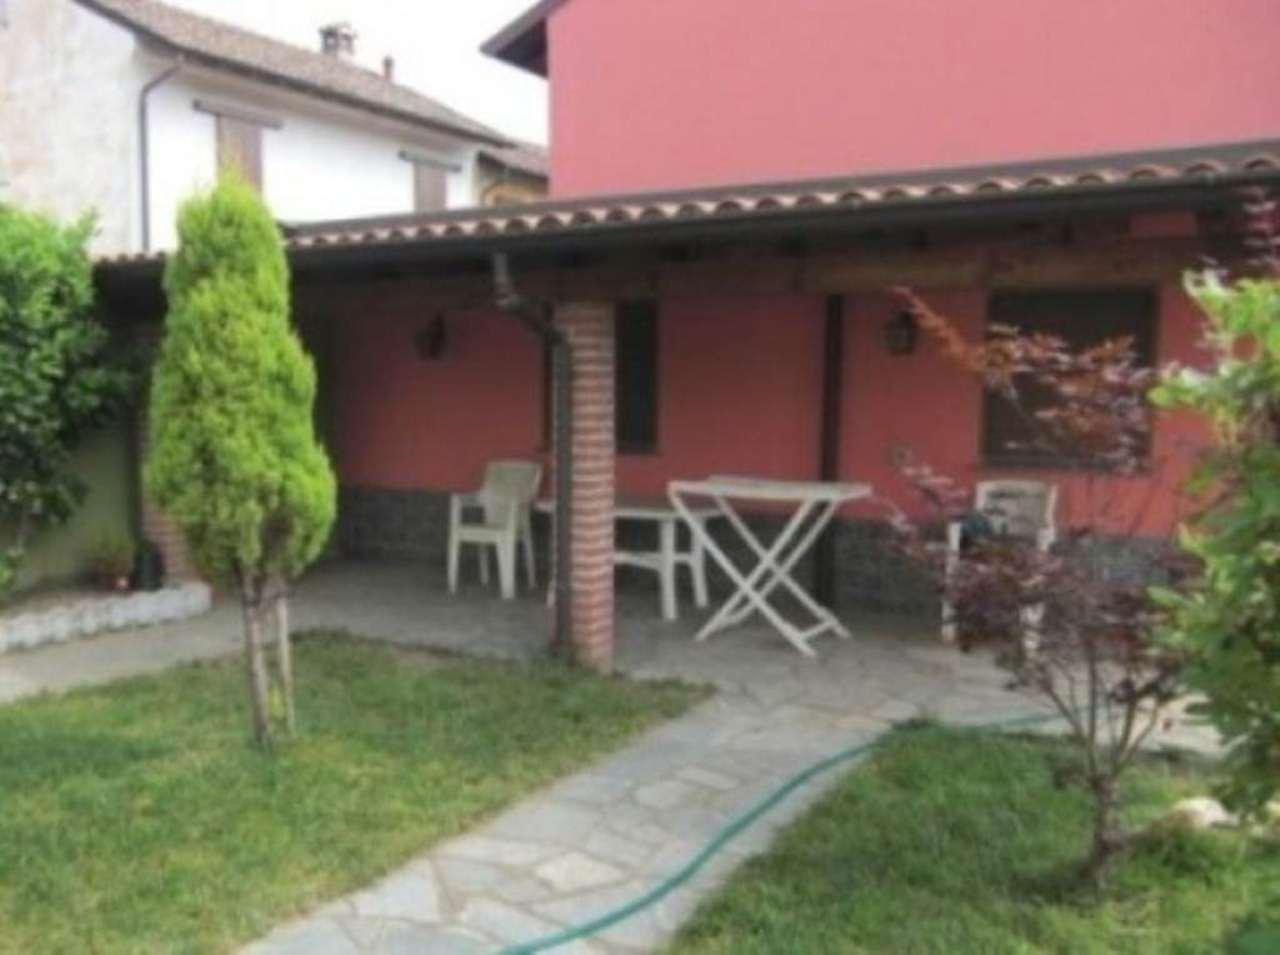 Villa in vendita a Garlasco, 5 locali, prezzo € 150.000 | Cambio Casa.it